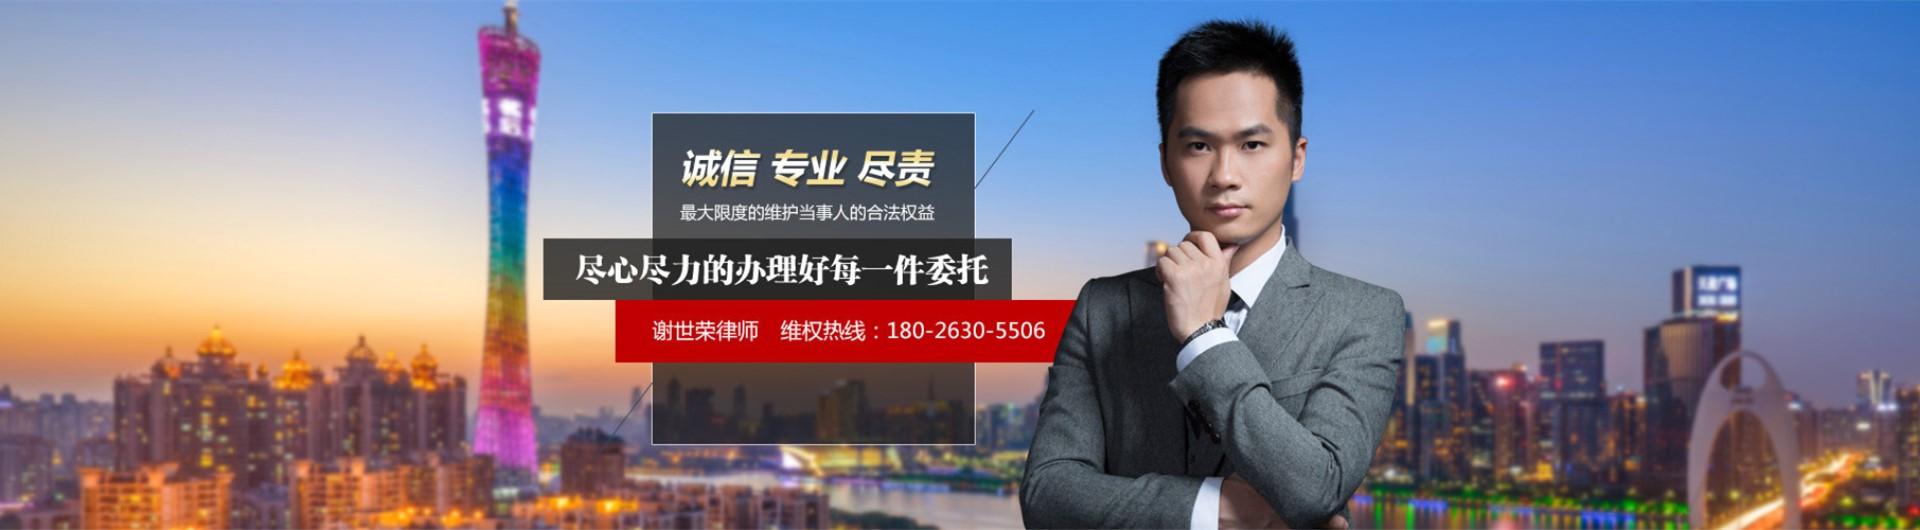 广州行政诉讼律师大图二